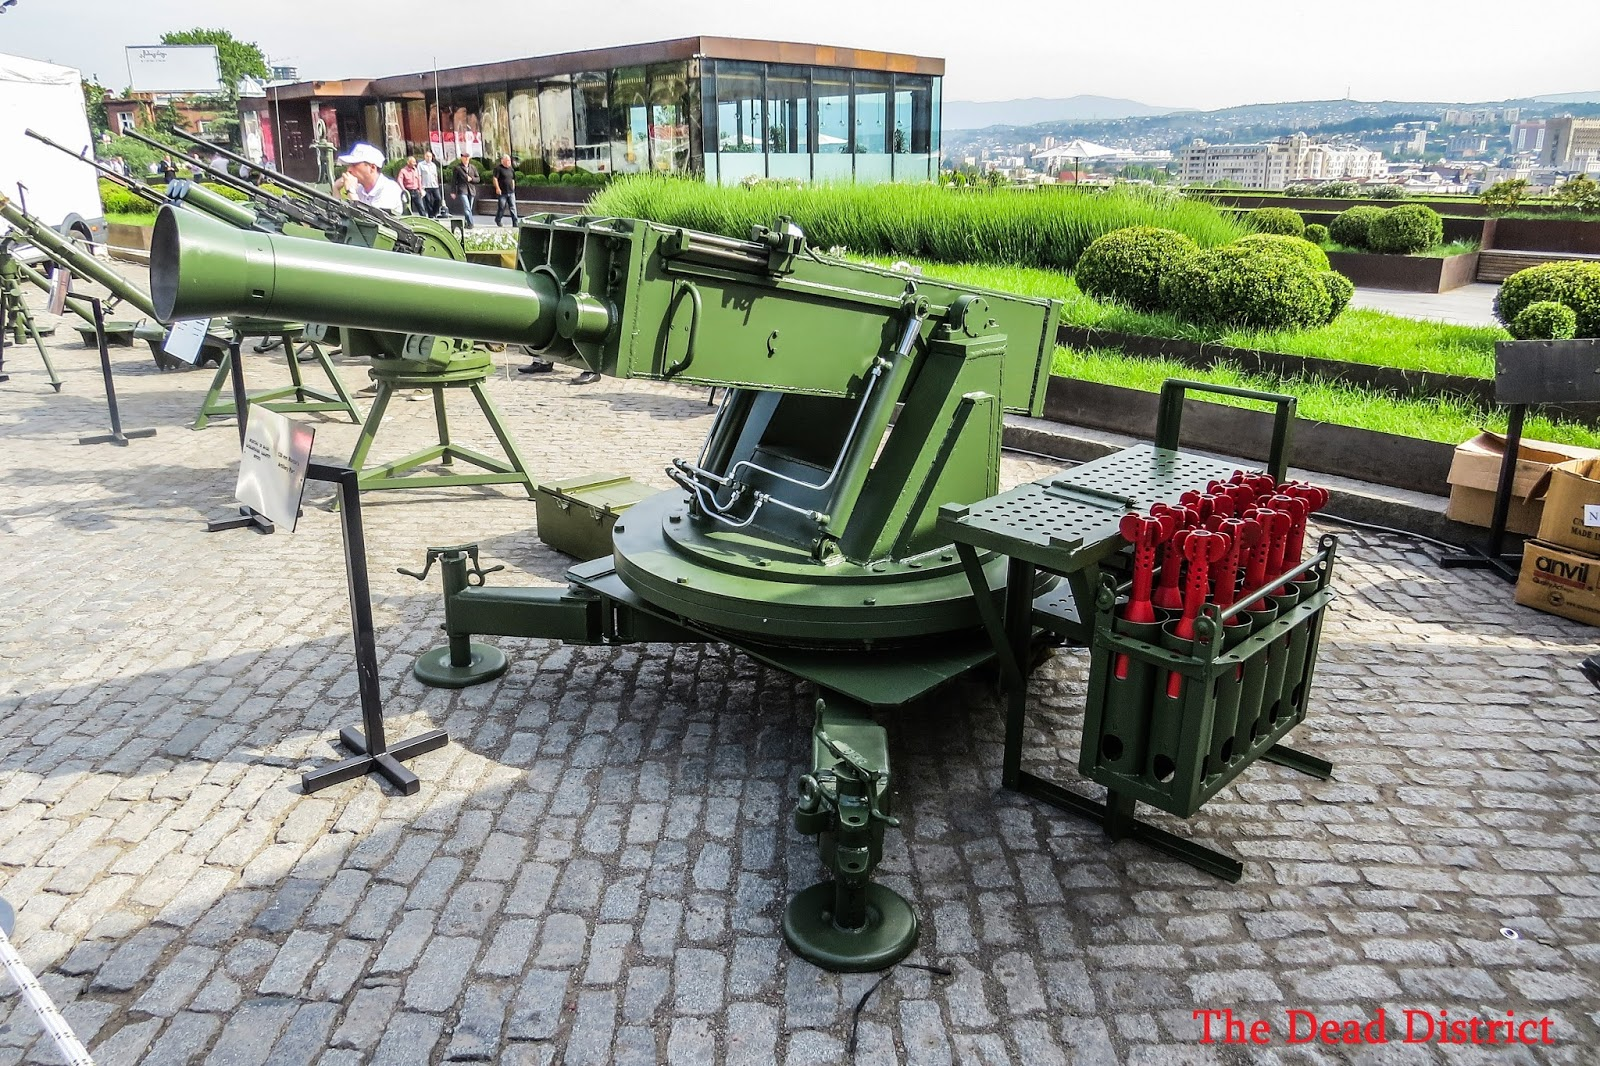 Georgia Μilitary: News and Modernisation IMG_3247